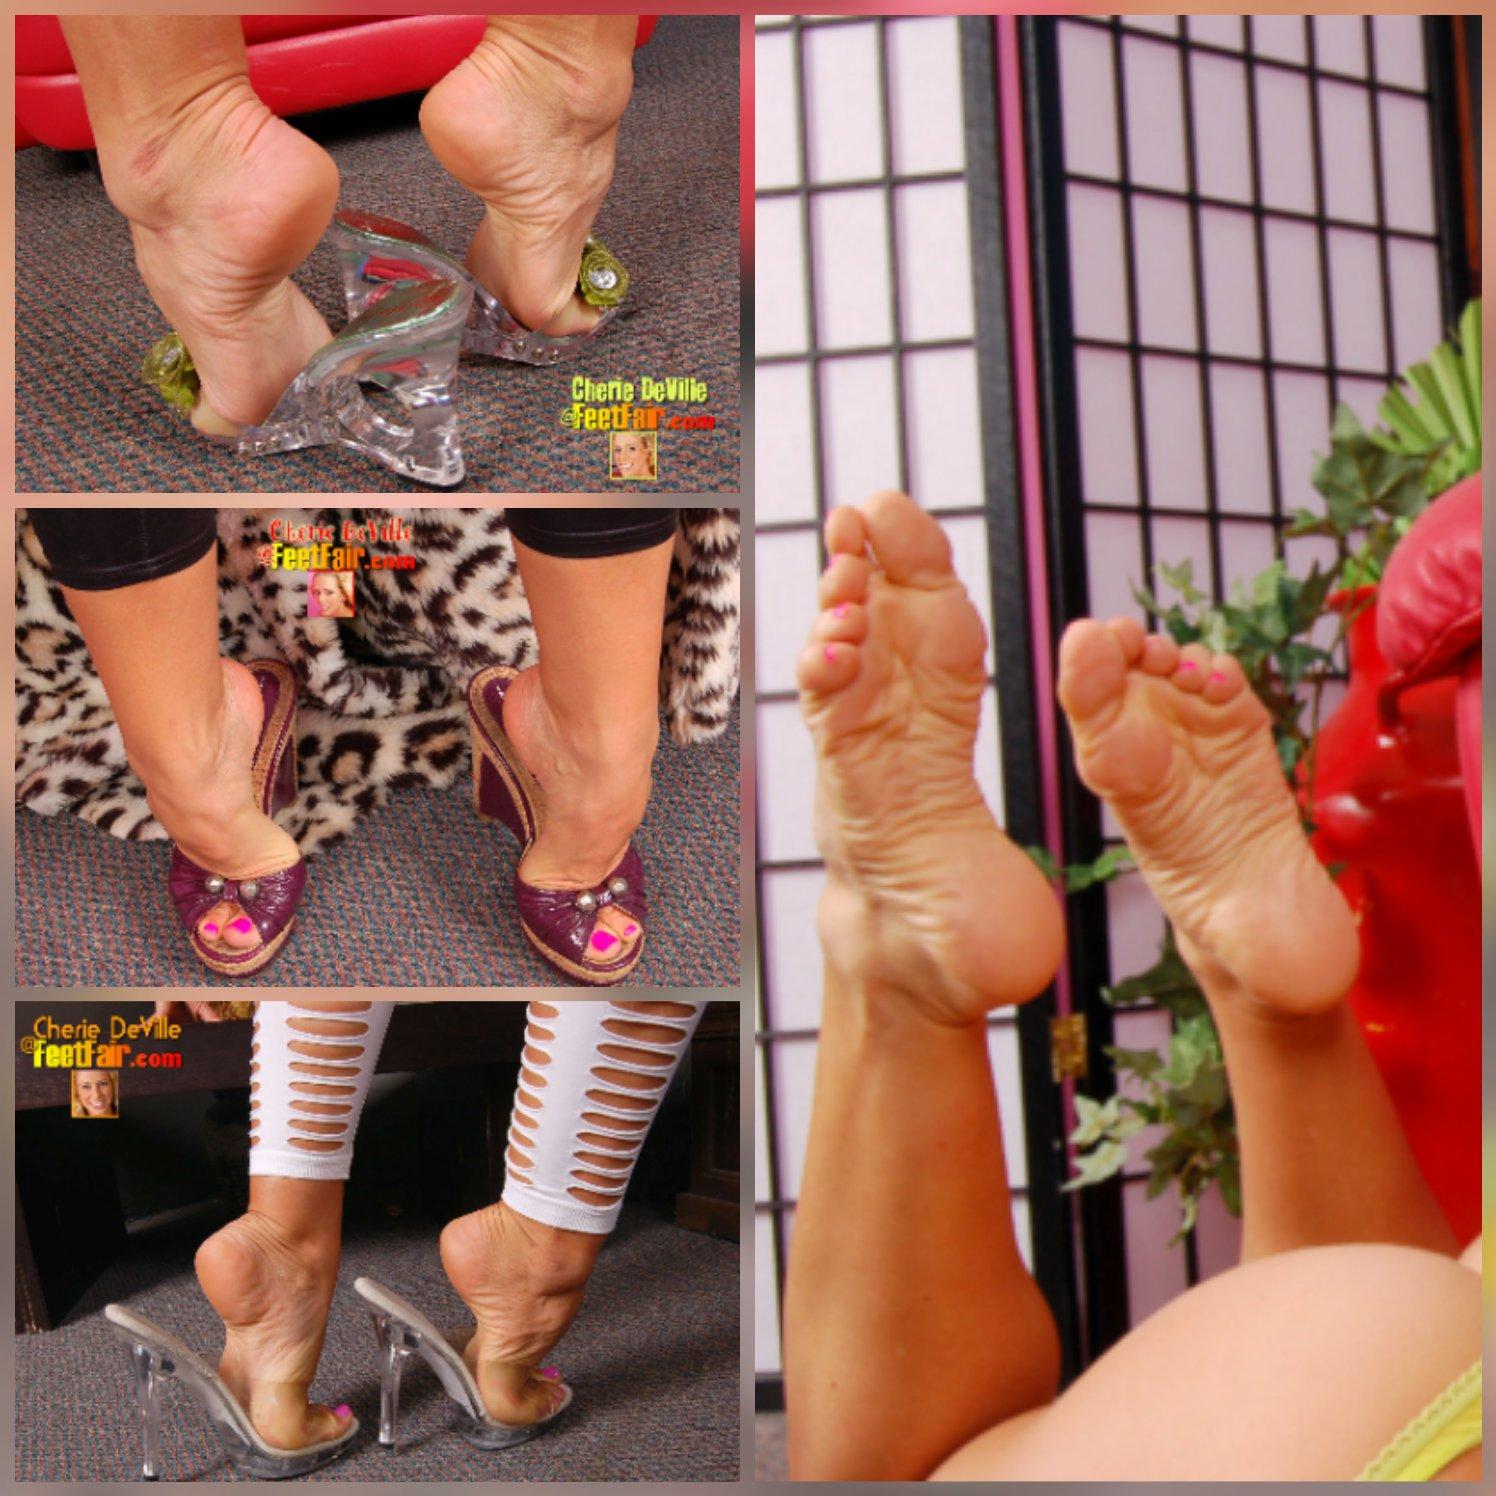 Feet cherie deville Cherie Deville